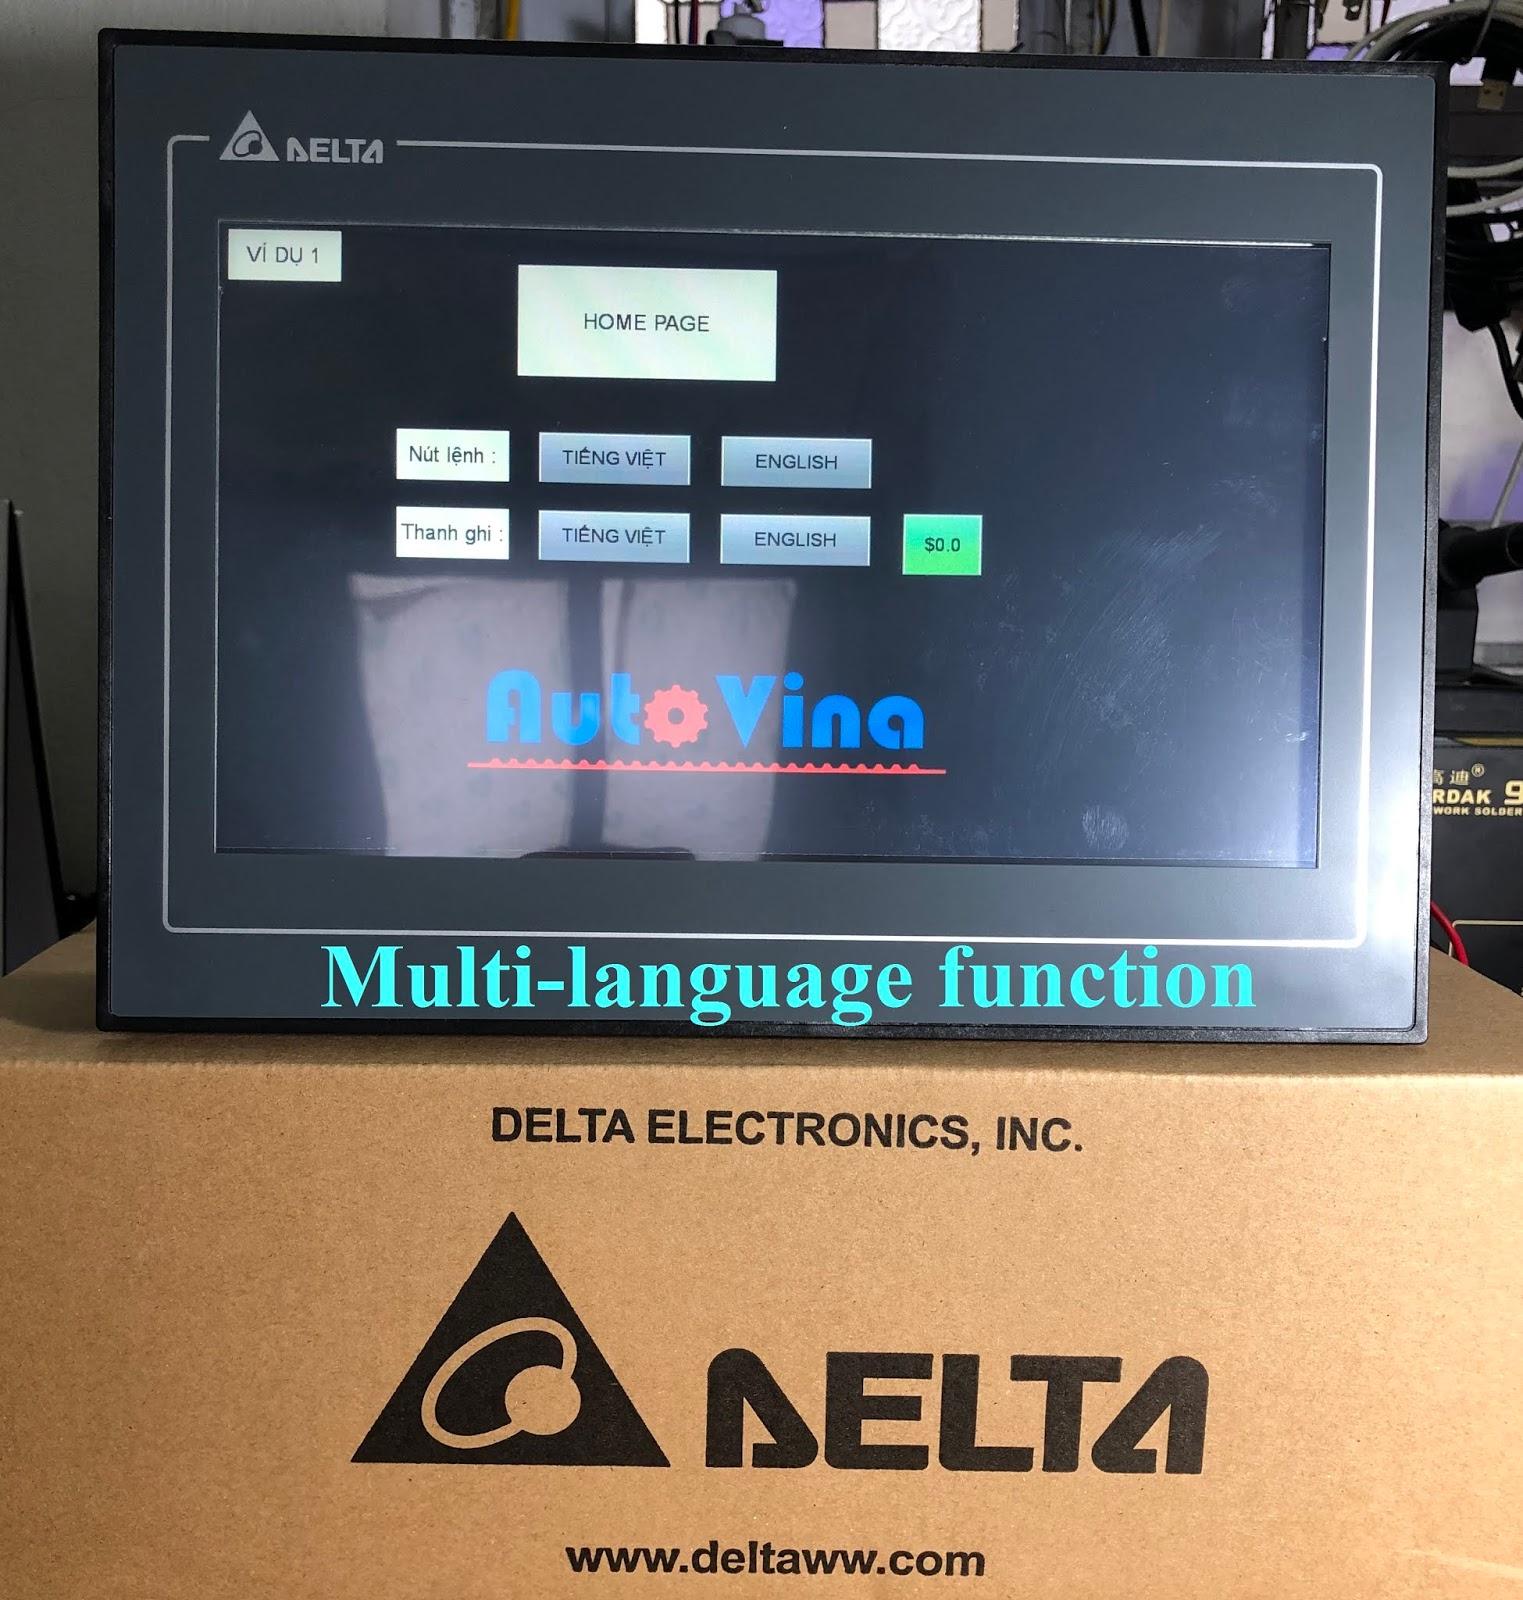 Hướng dẫn lập trình HMI Delta DOP-110CS hiển thị nhiều ngôn ngữ cho người sử dụng